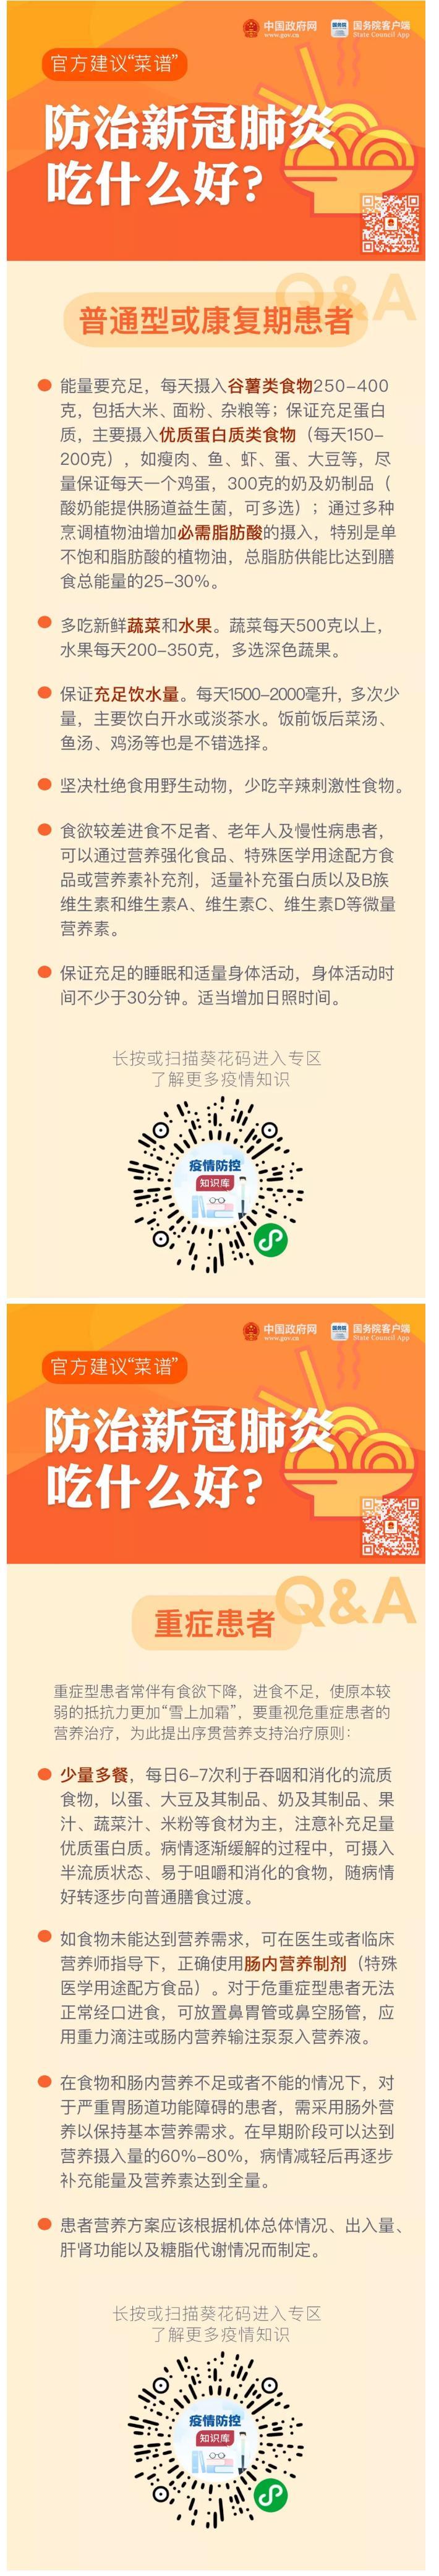 """防治新冠肺炎吃什么好?官方建议""""深圳助孕菜谱""""来了!"""